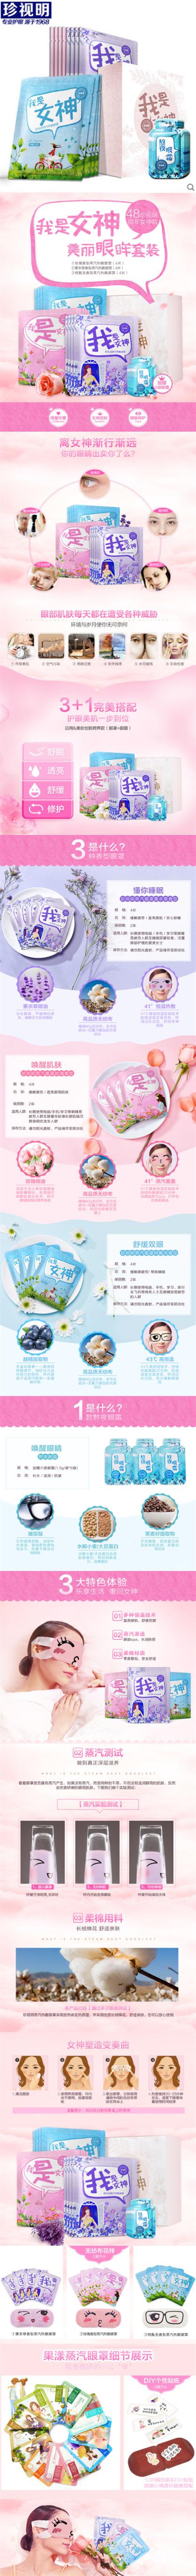 https://xiaoba.shall-buy.com/attachment/images/13937/2019/07/M69iZl6d9z6q6v2VwJ7066sWYQ2sh5.jpg